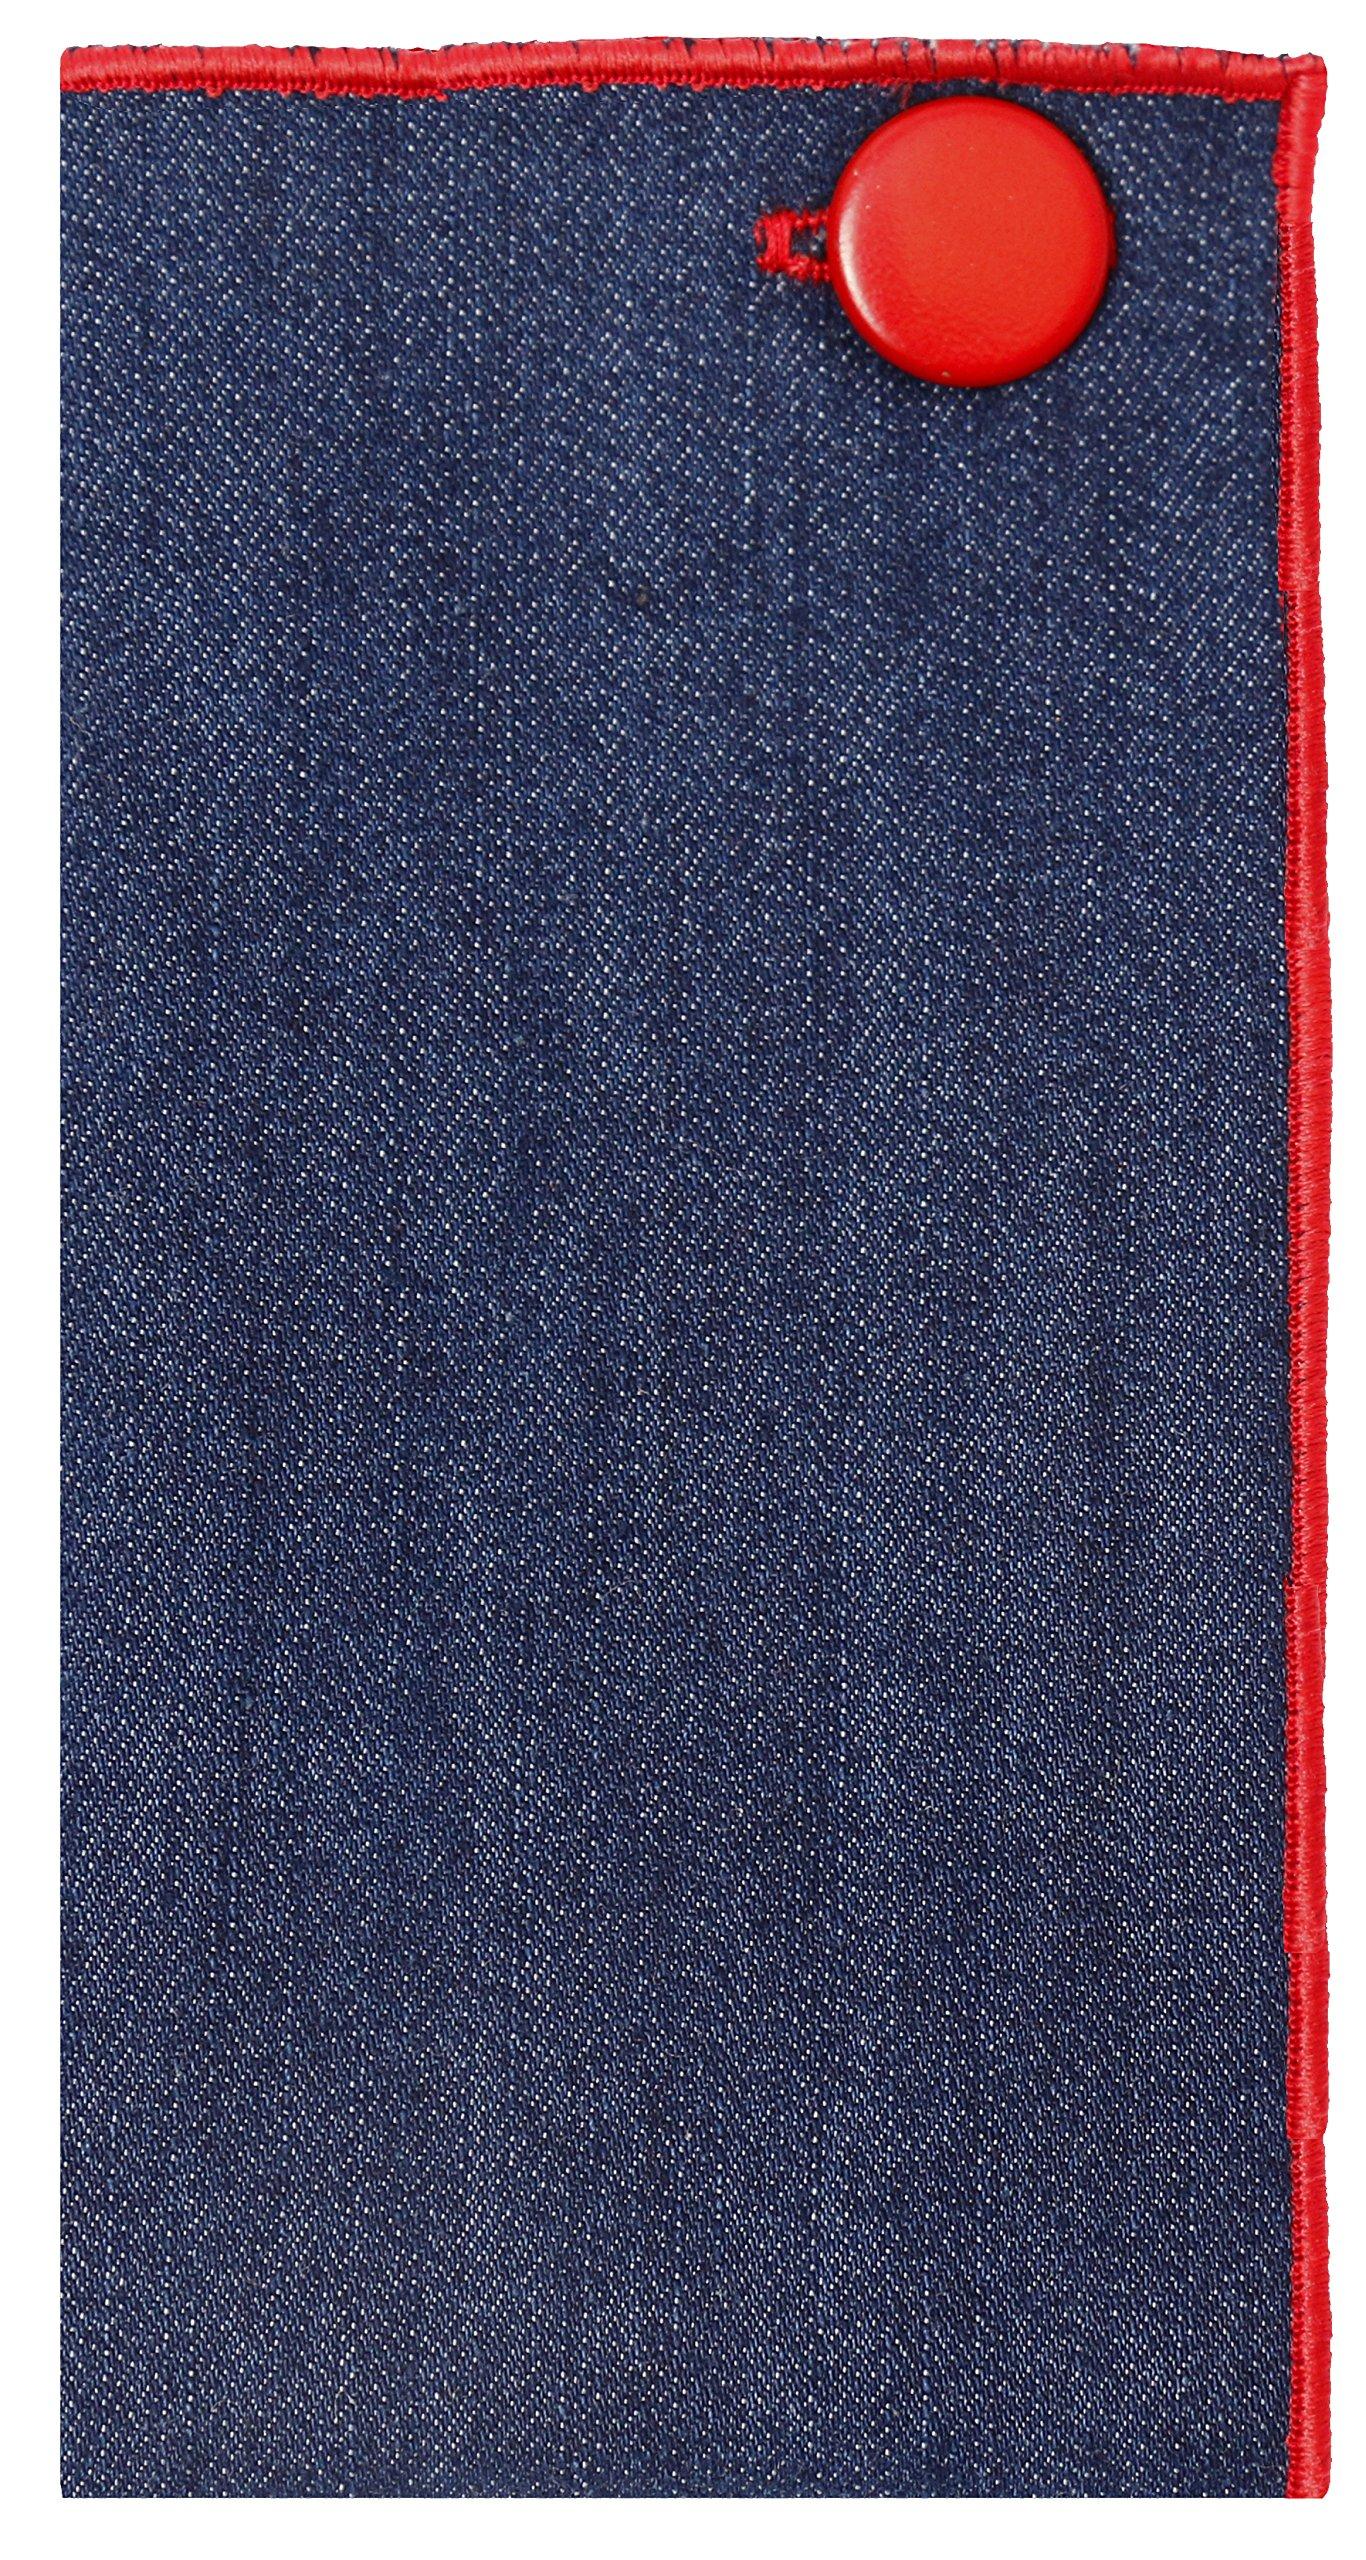 Dark Denim with Red Metal Button Men's Pocket Square by The Detailed Male by The Detailed Male (Image #2)